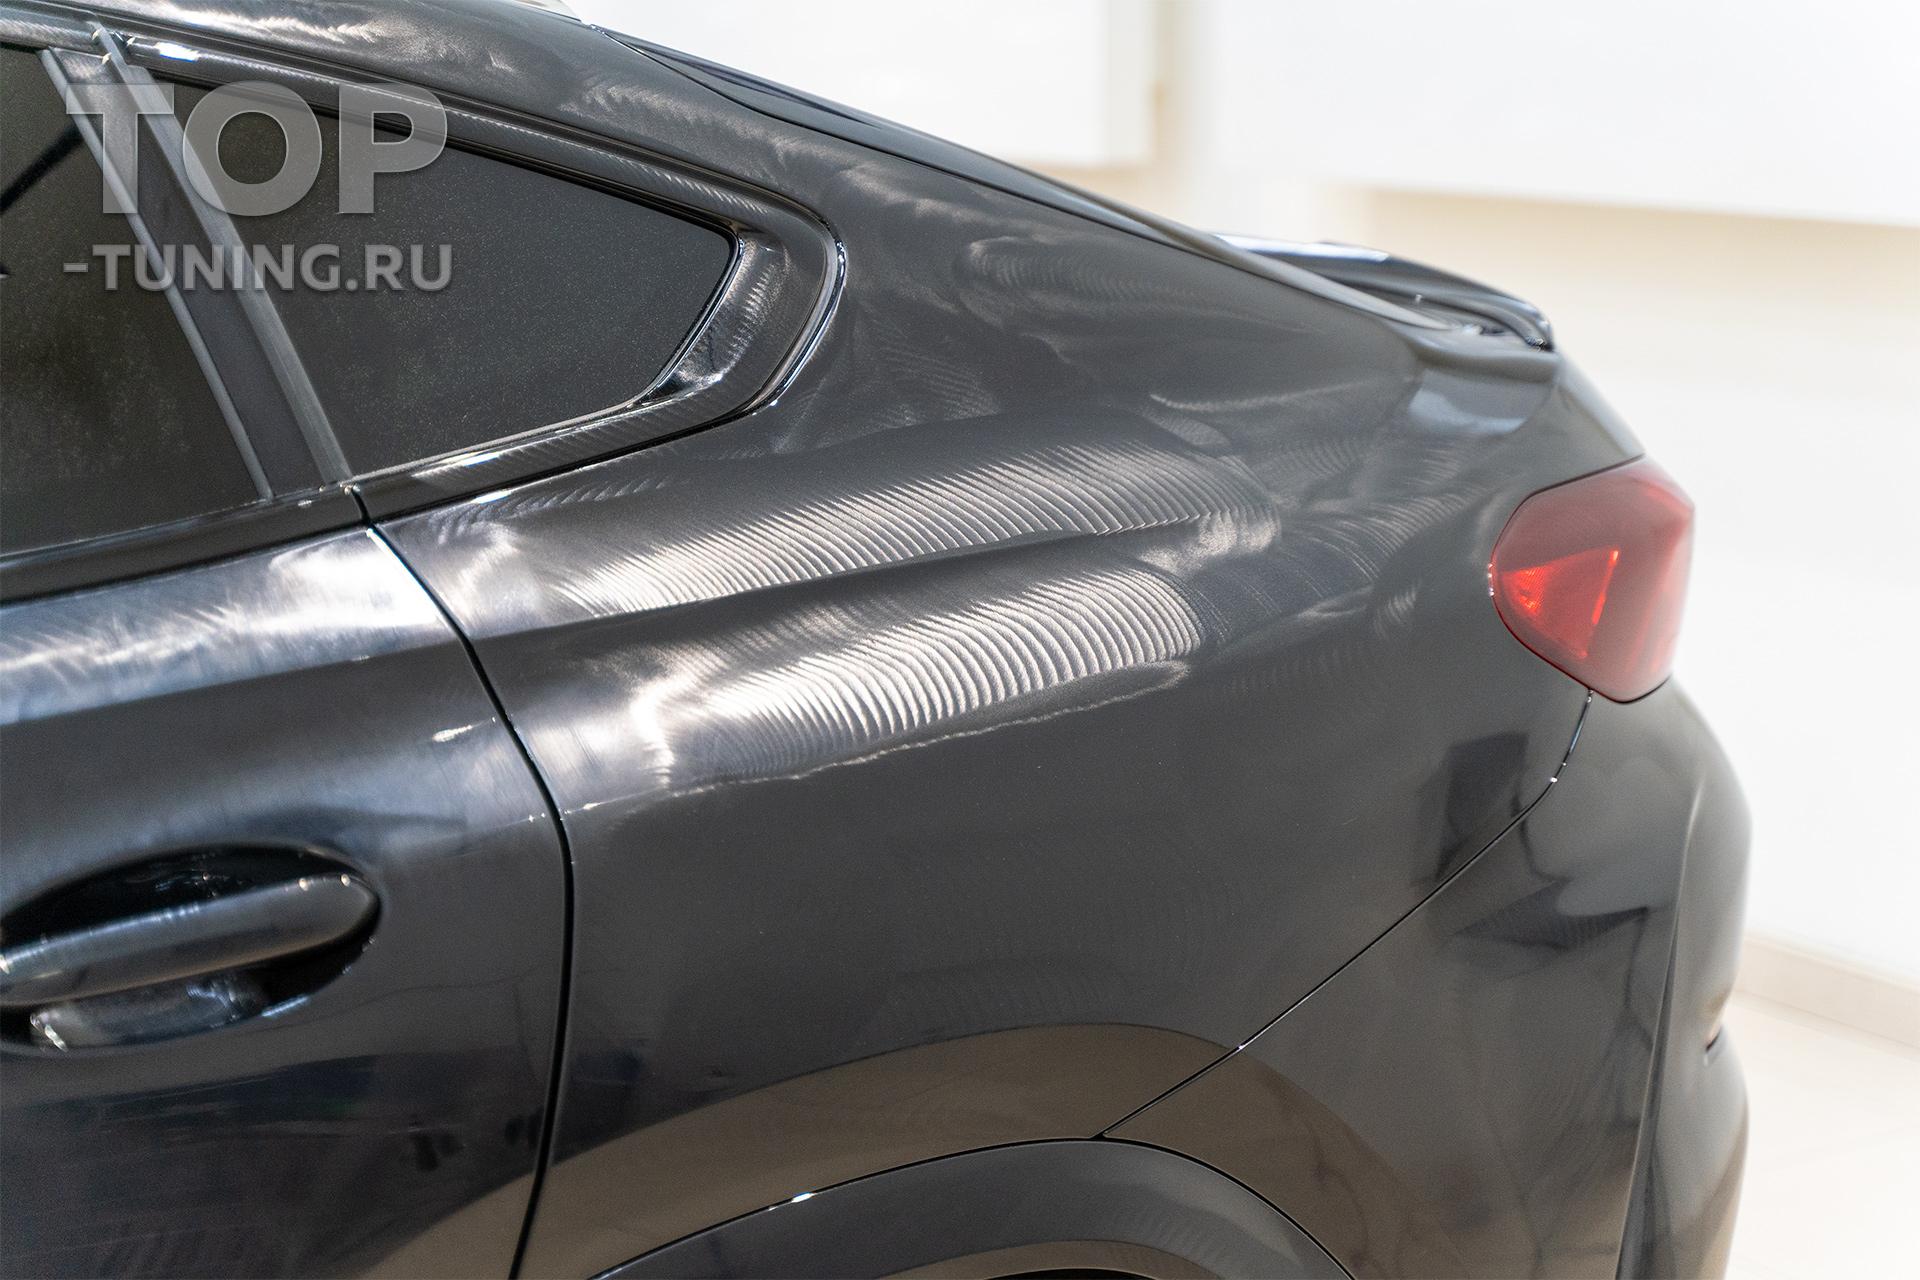 Мягкая полировка кузова БМВ - удаление голограмм на новом автомобиле